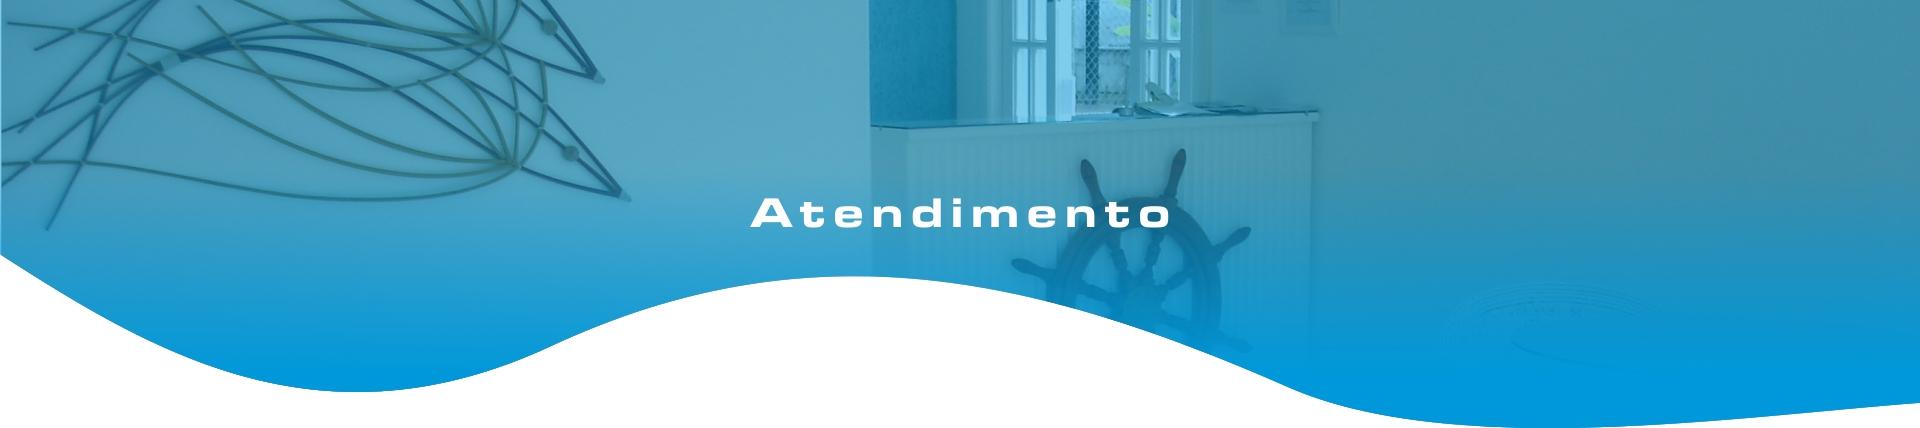 titulo_atendimento